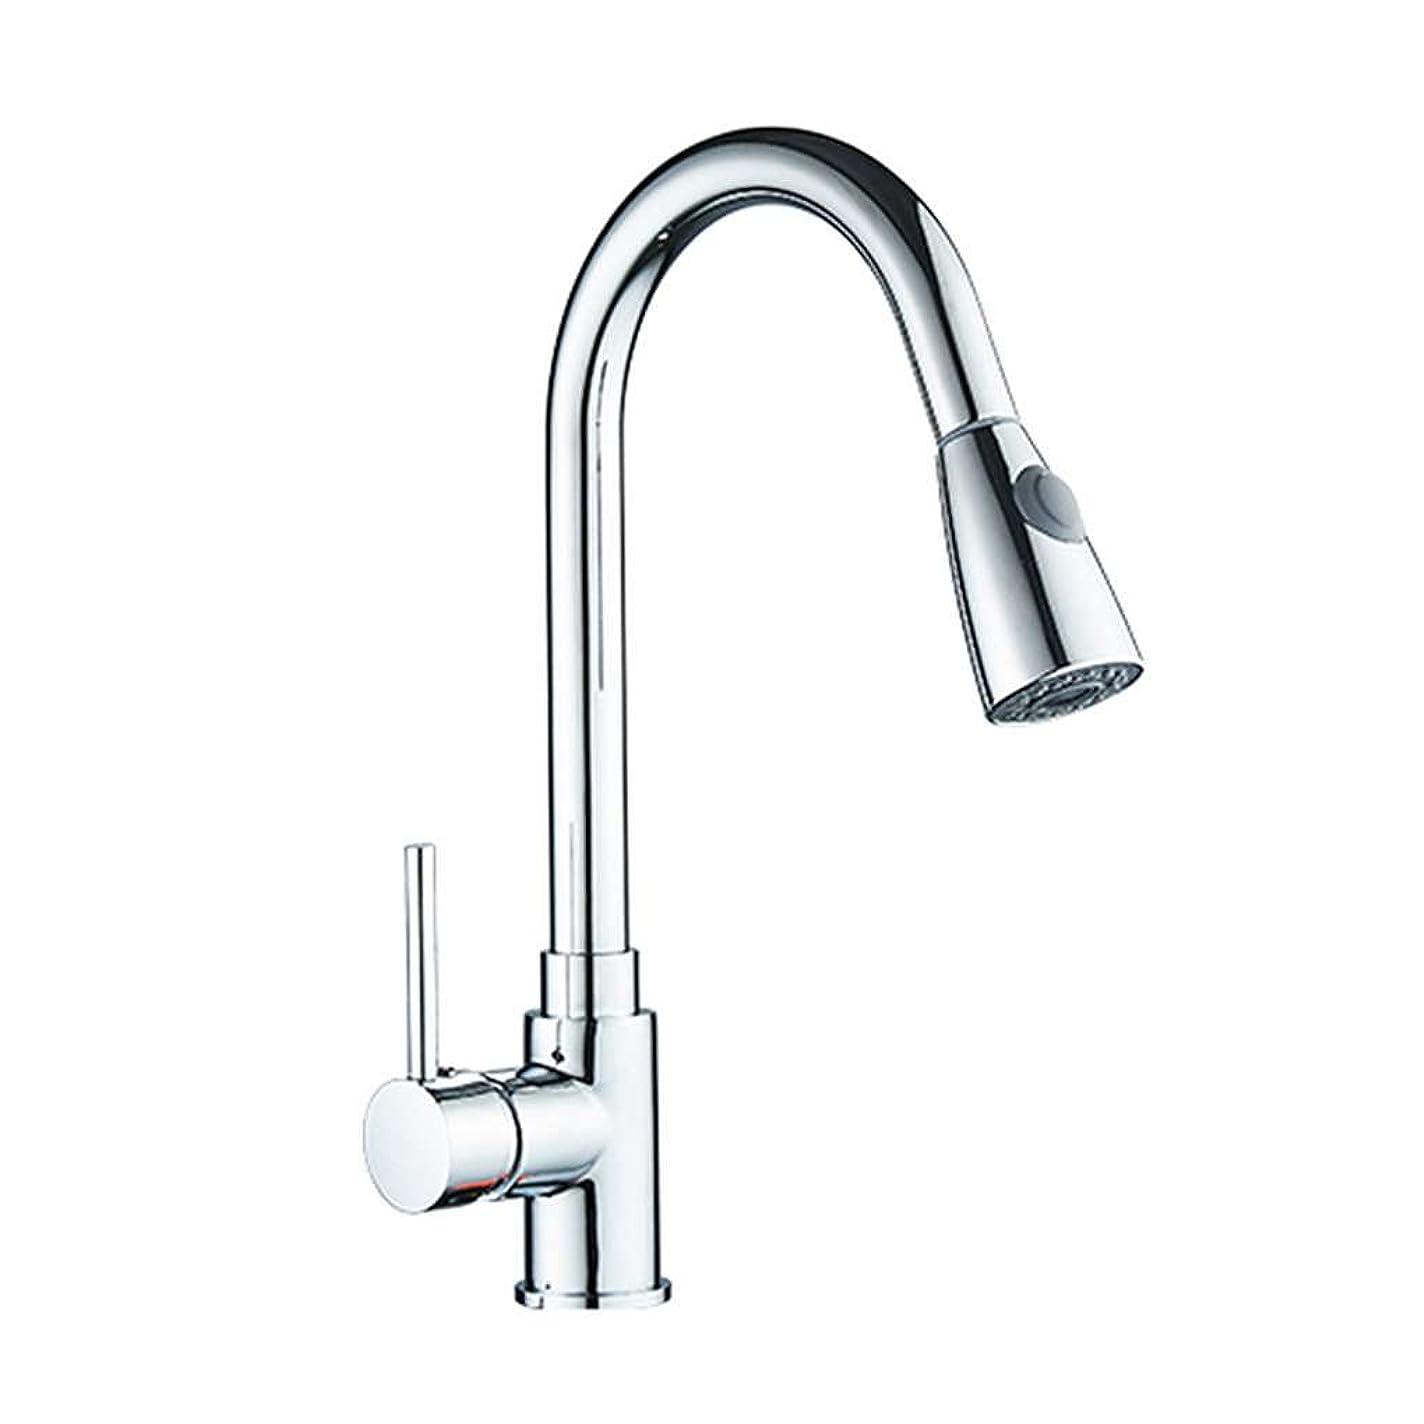 促す常識素晴らしいですModerma キッチン用水栓 蛇口 360度回転 シンクの隅々まで届ける シャワー シングルレバー混合水栓 台付の蛇口 ハンドシャワー形 引き出しホース付き 泡まつ吐水